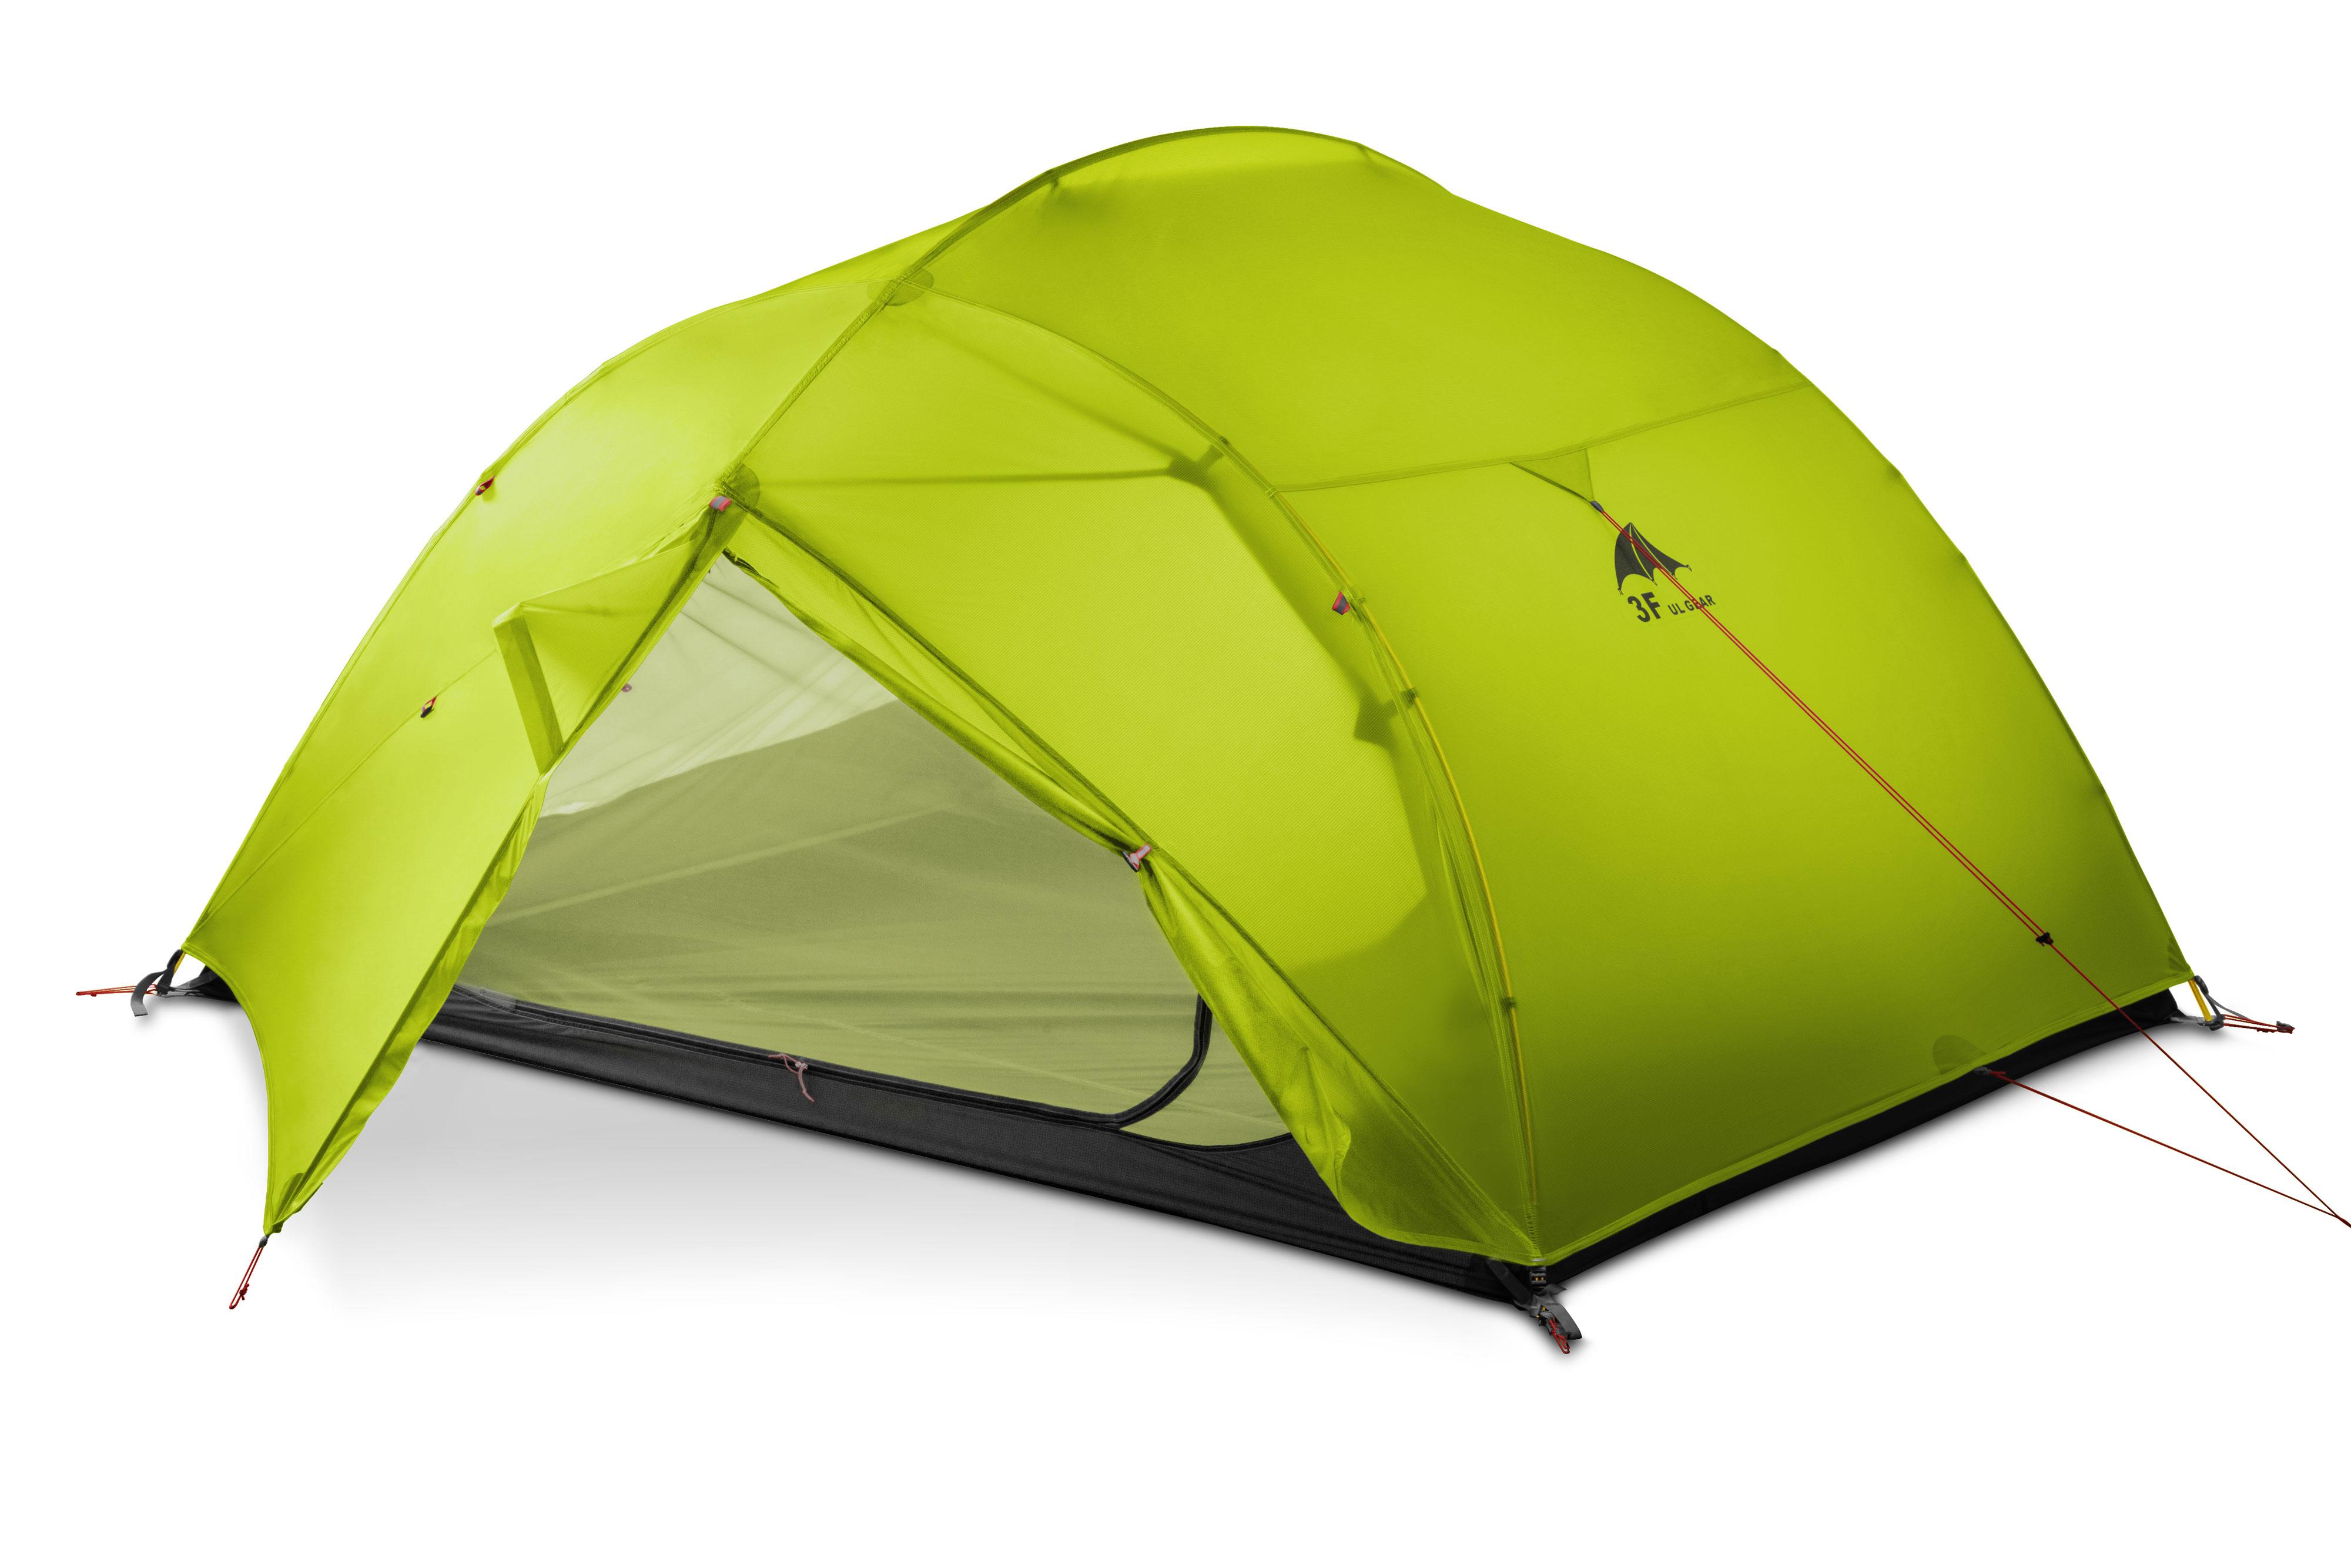 3F UL GETRIEBE 3 Person 3/4 saison 15D Camping Zelt große Wasserdichte Outdoor Ultraleicht Wandern Rucksack Jagd Zelt